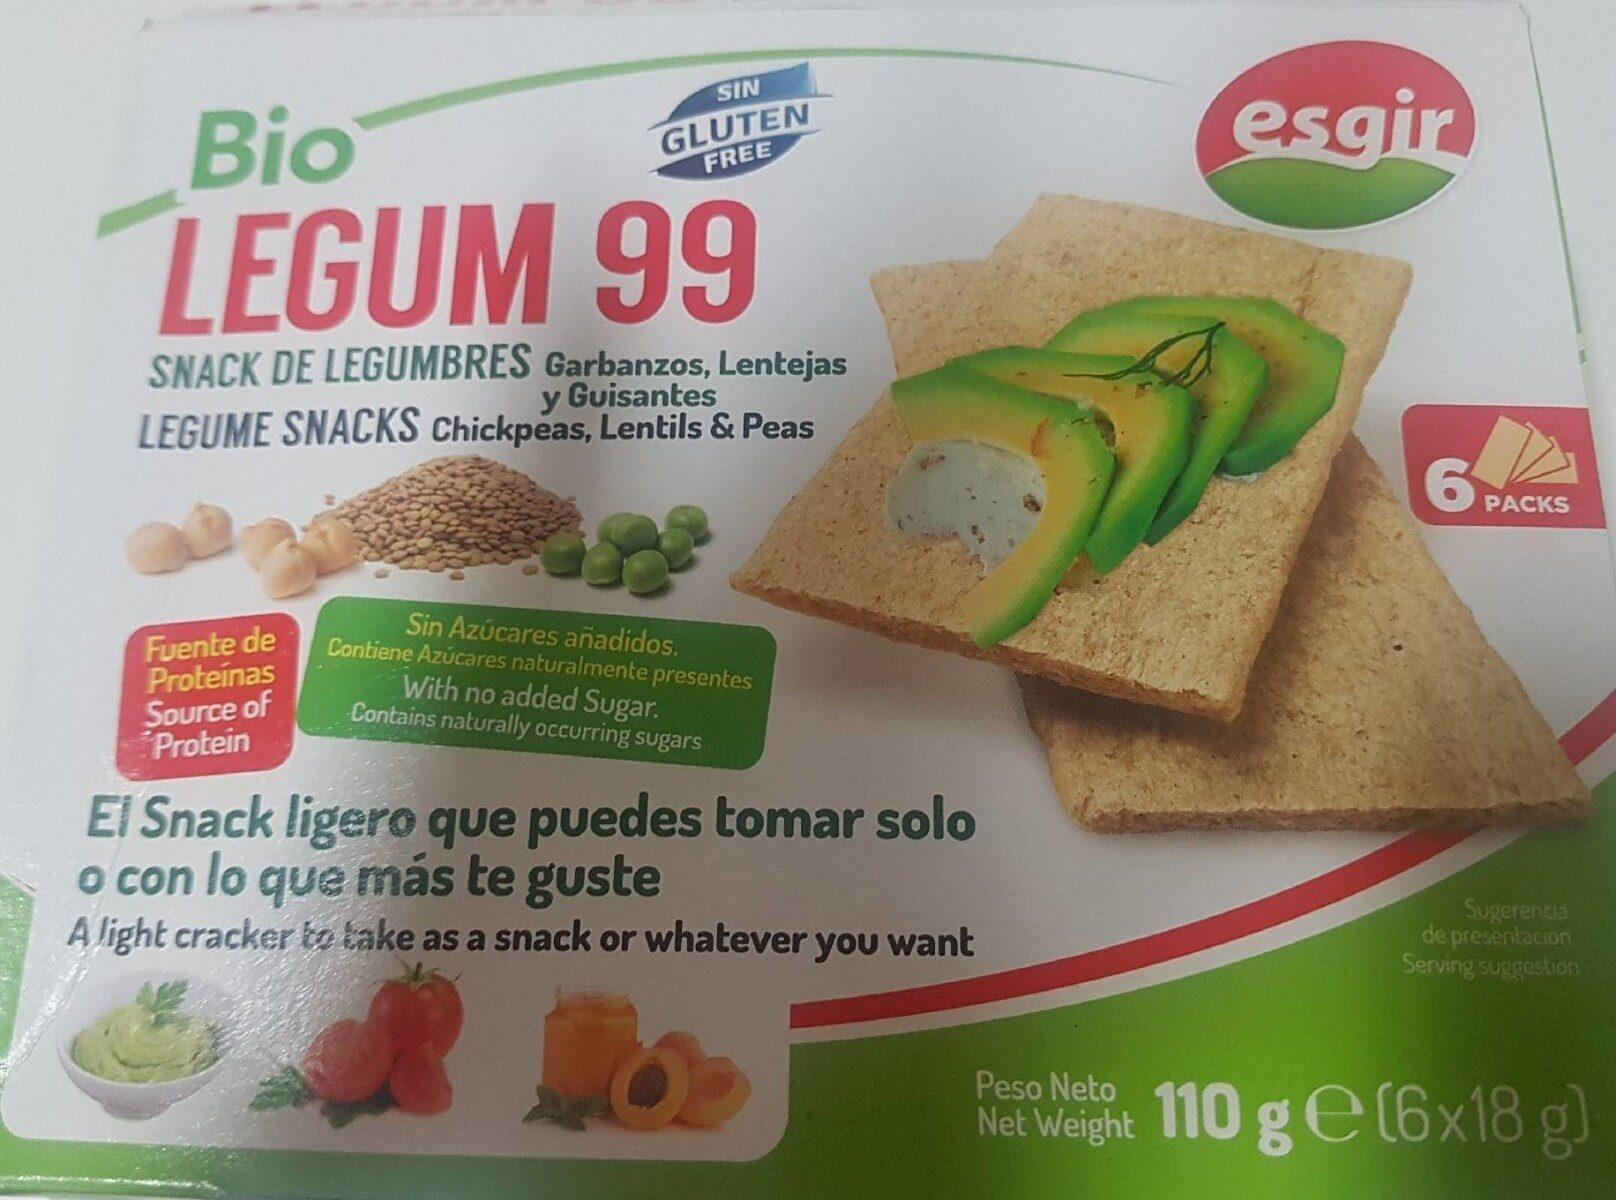 Legum 99 - Snack de legumbres - Producto